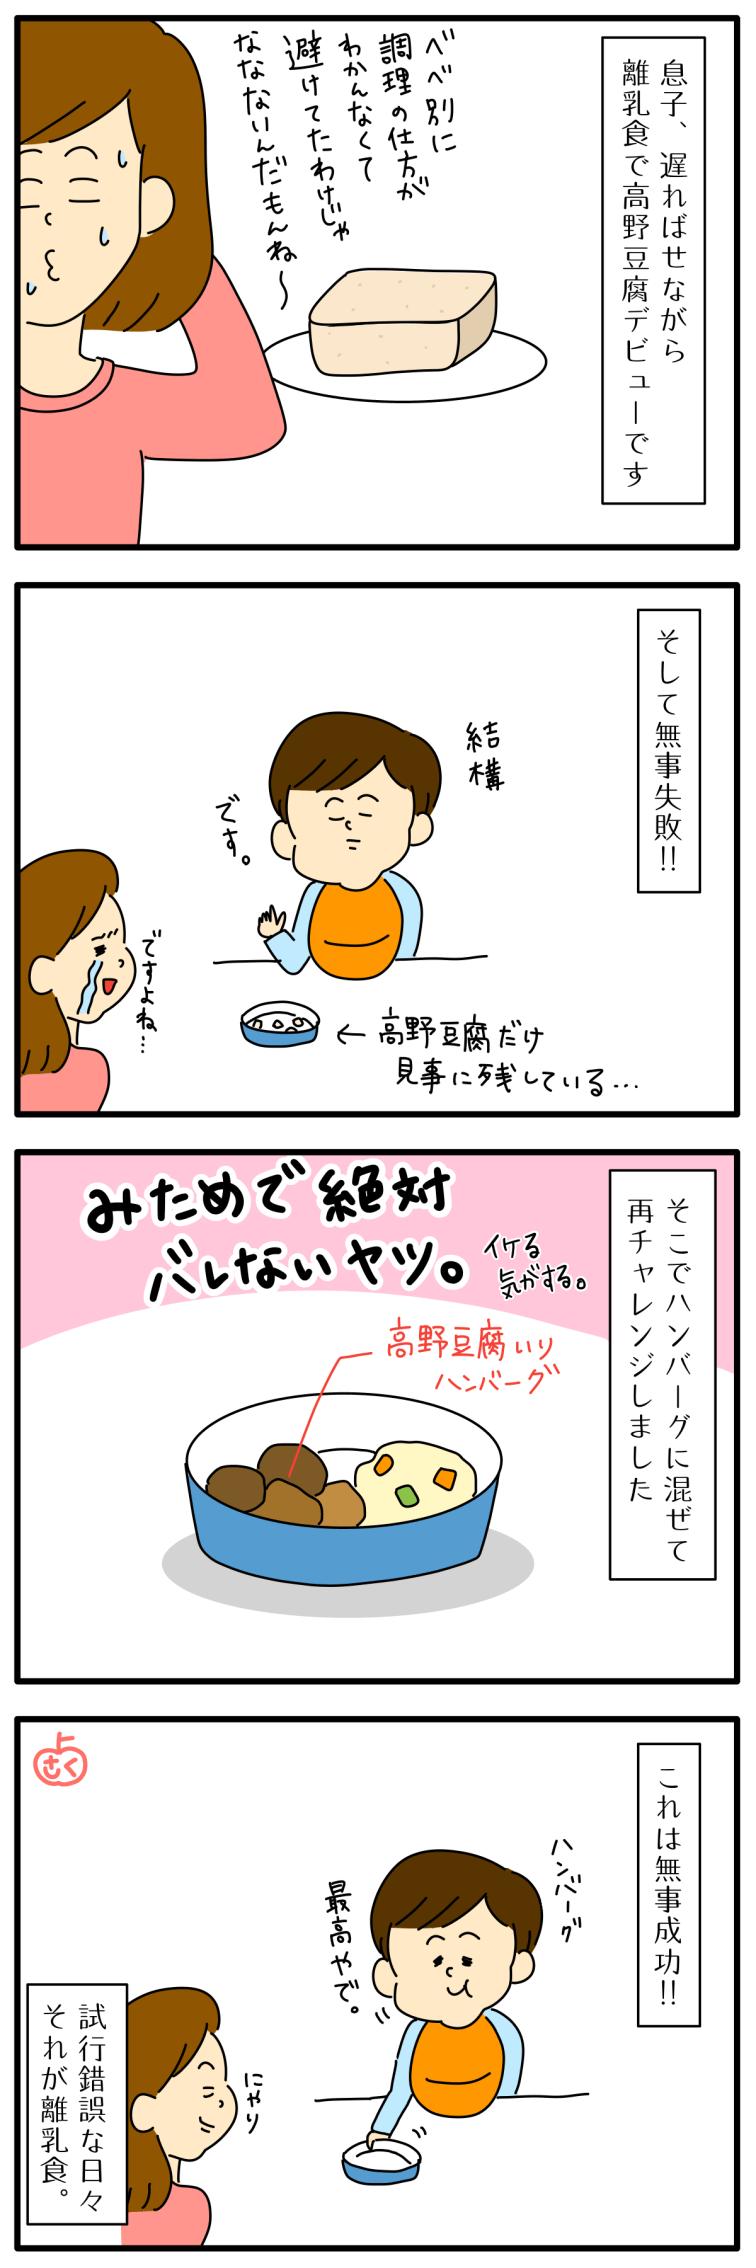 高野豆腐の離乳食についての子育て4コマ漫画